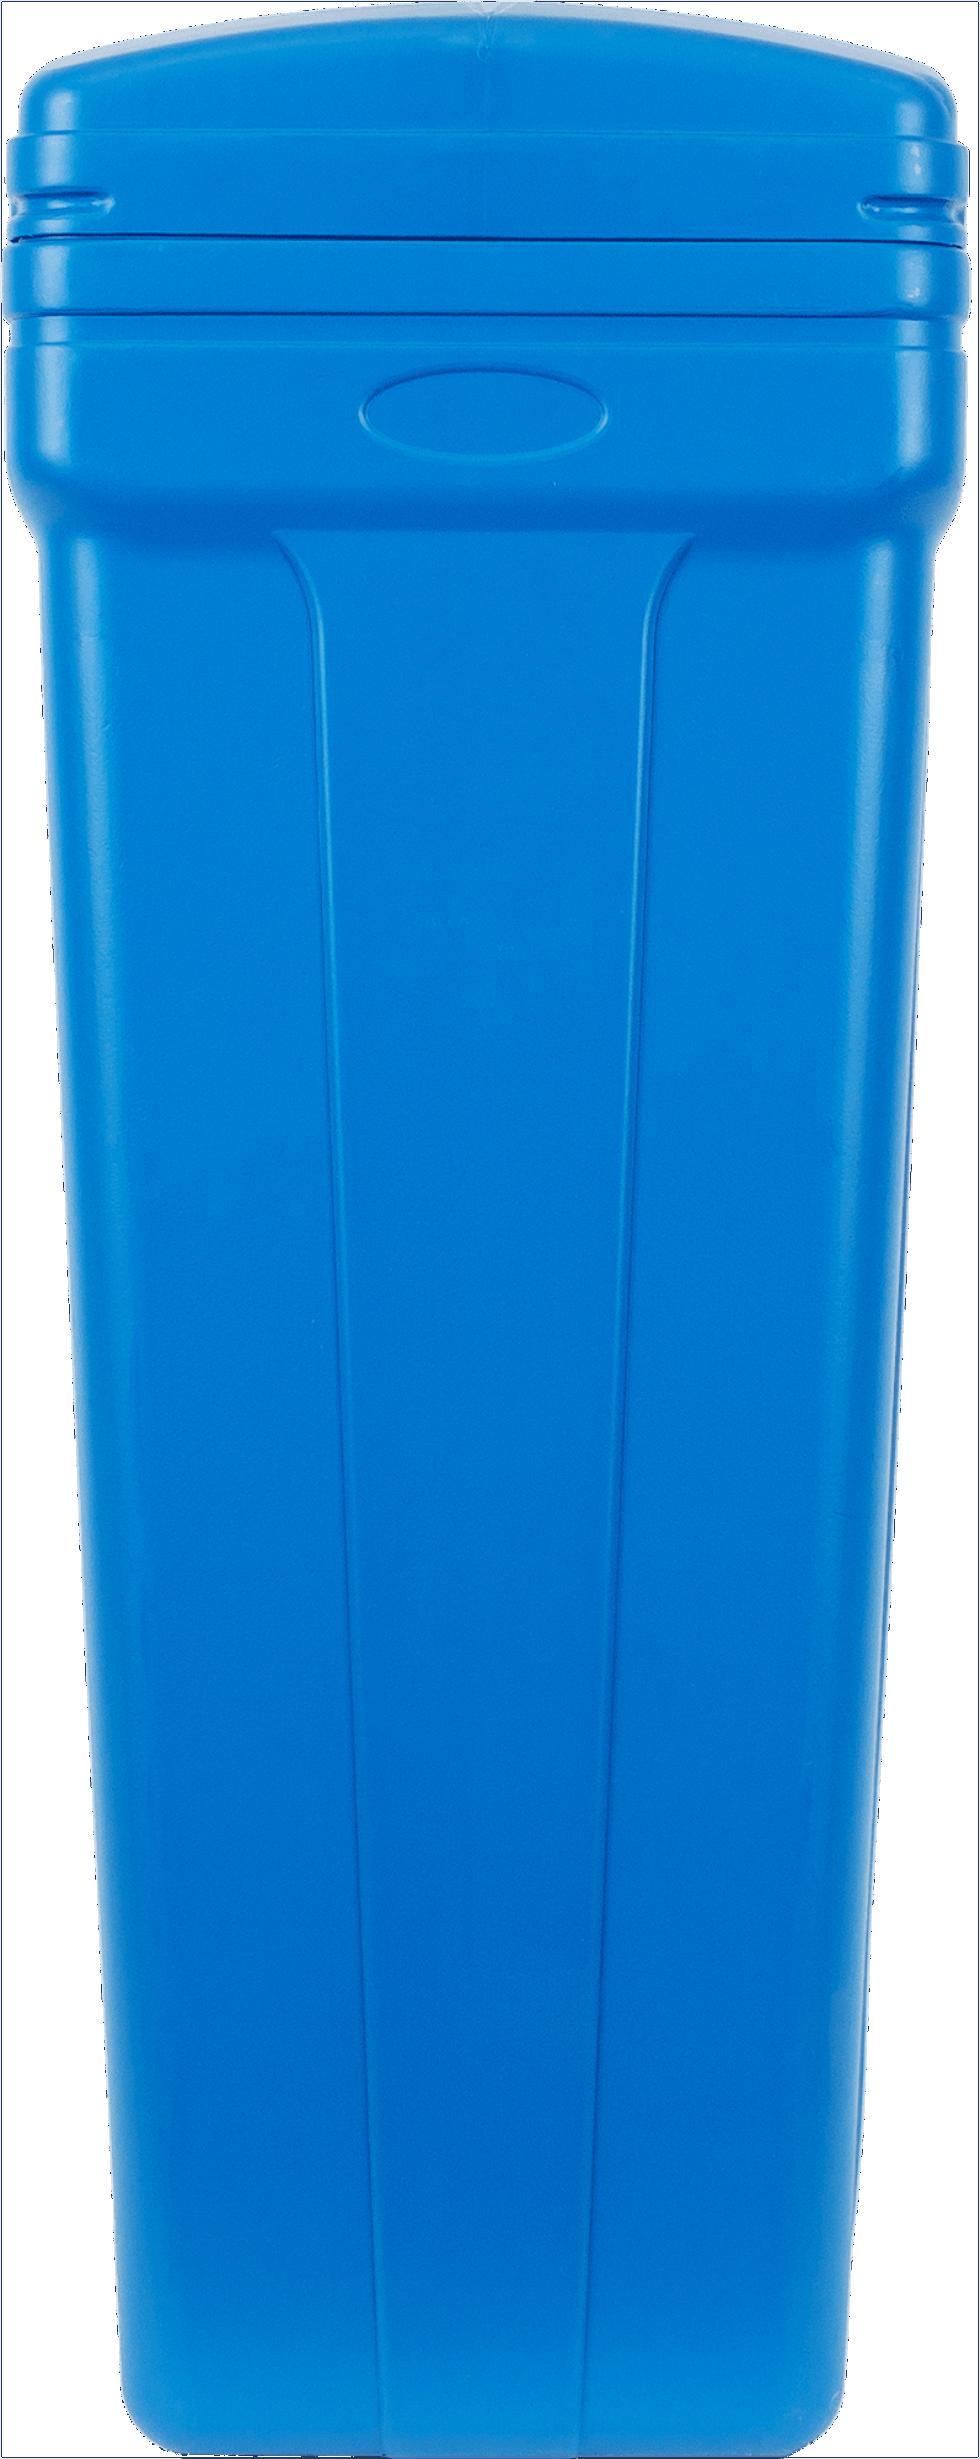 Солевой бак, 29х90х29 см, 70 л, пищевая пластмасса, цвет синий